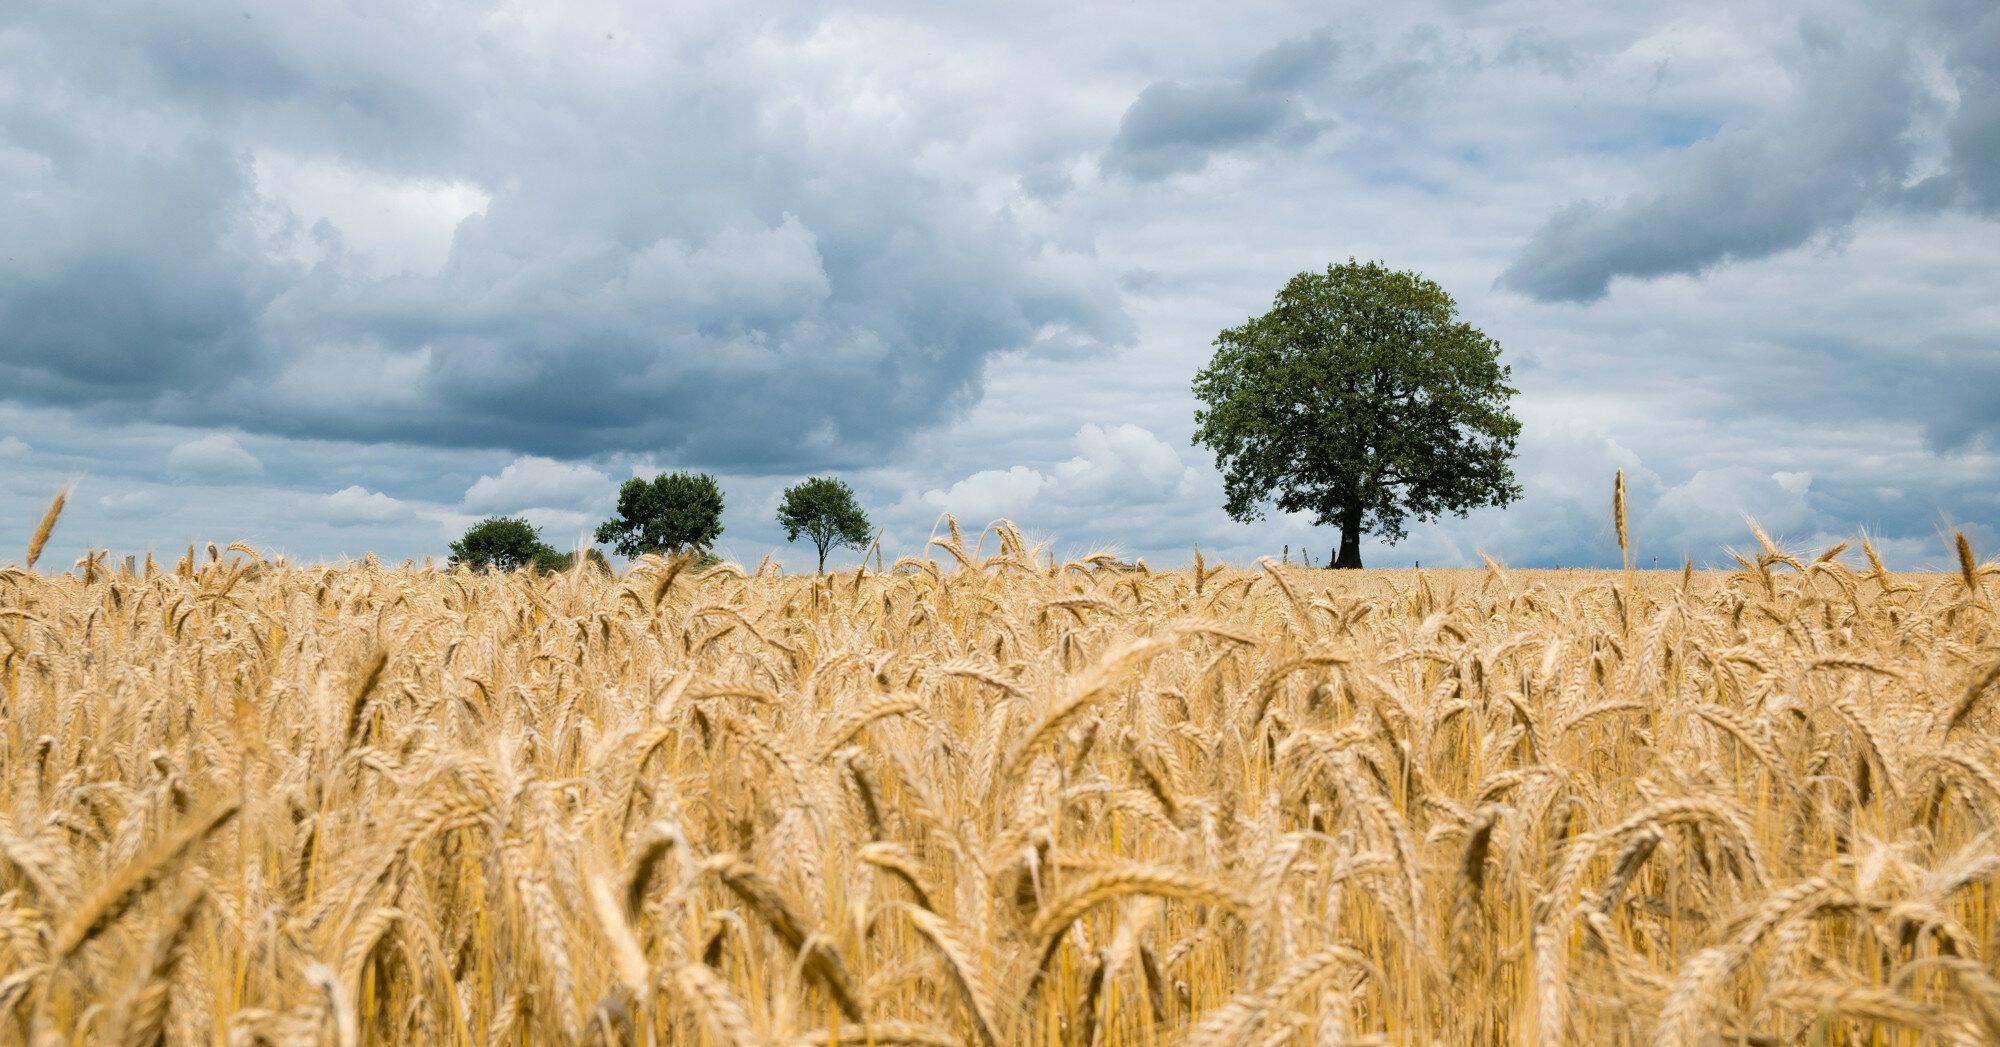 18 августа - какой сегодня праздник, приметы и именинники